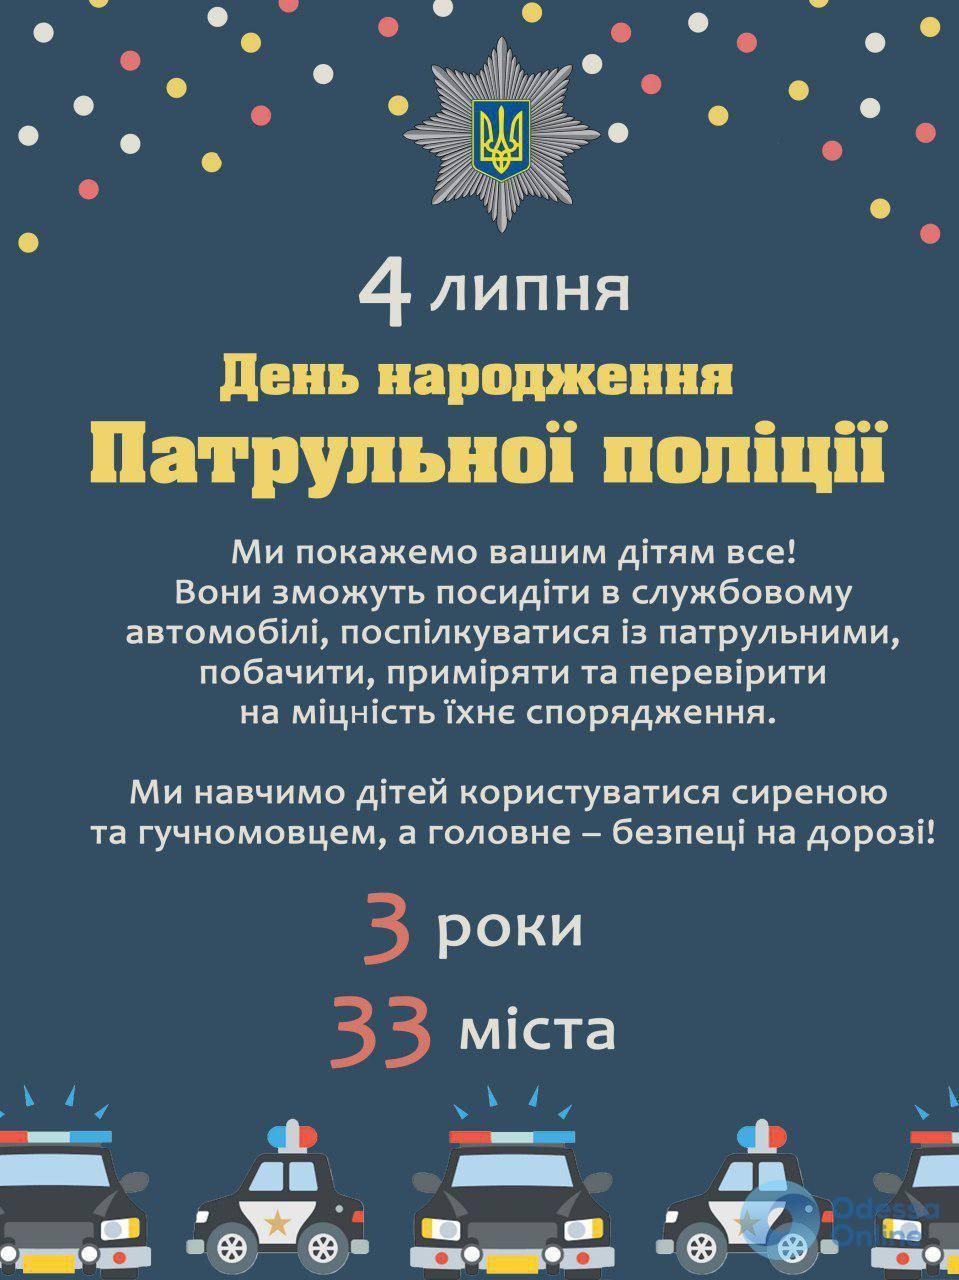 Юных одесситов зовут на День рождения патрульной полиции